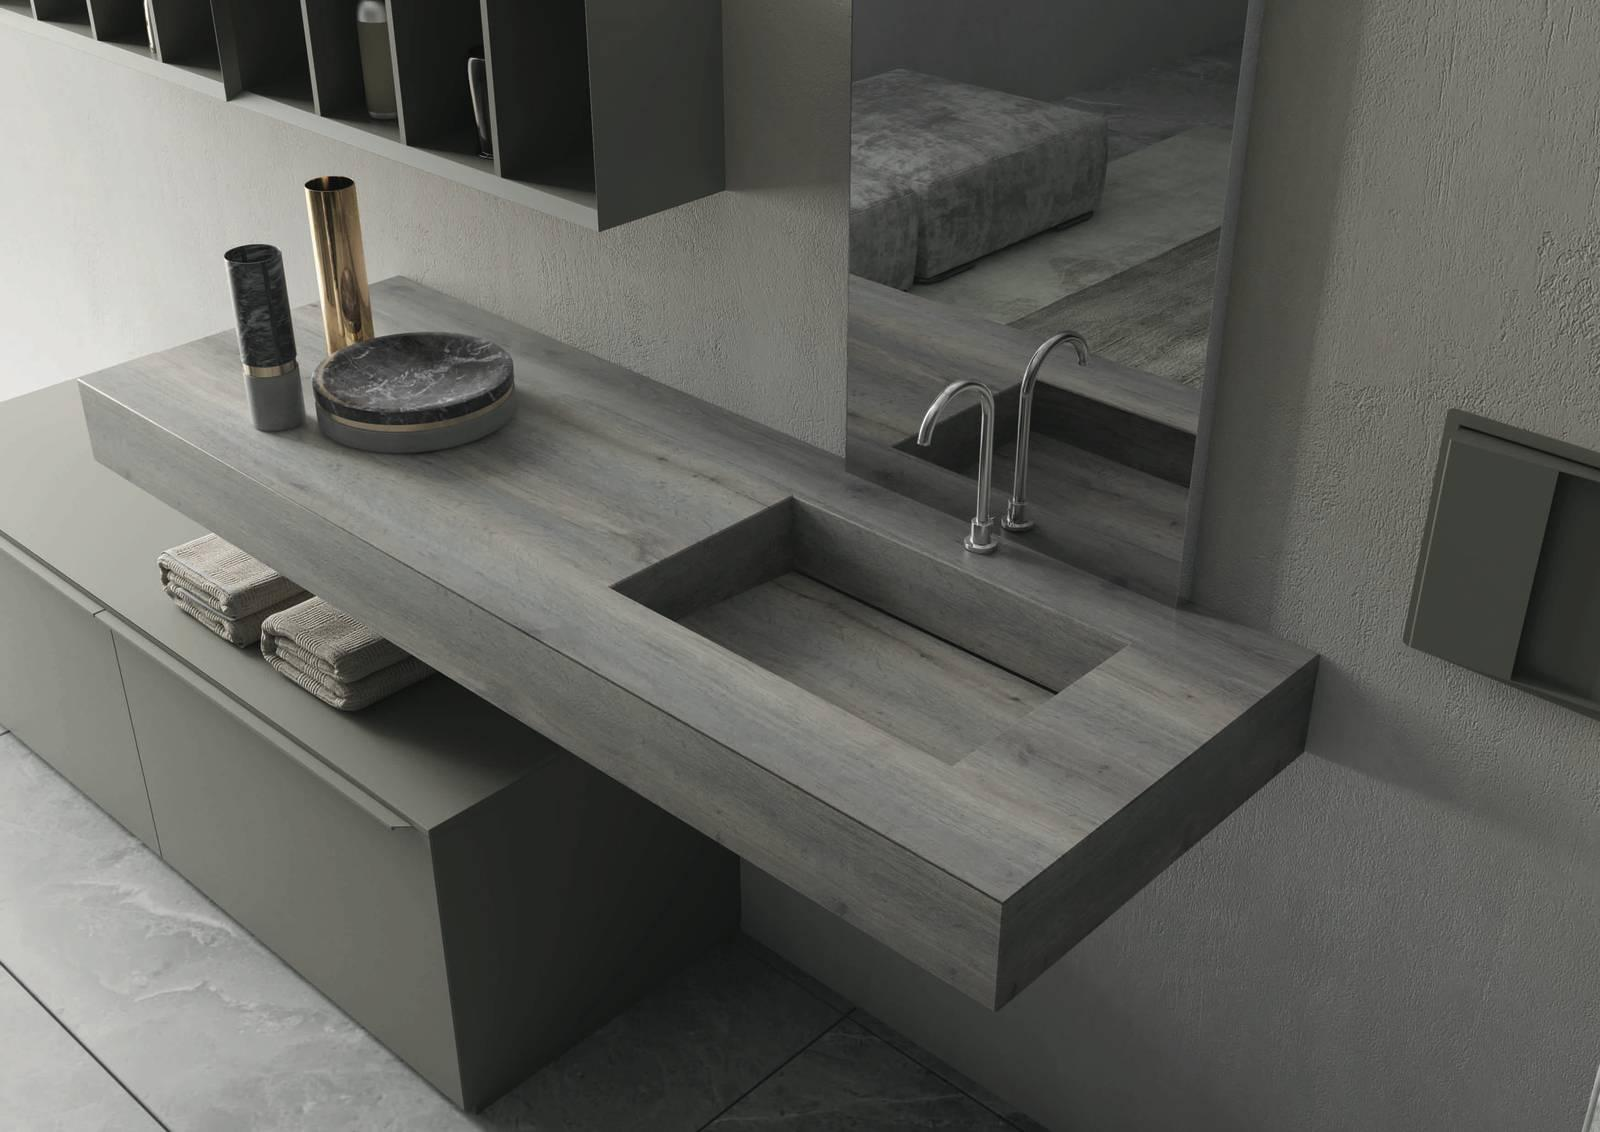 Creare il proprio spazio: Inda presenta i nuovi mobili bagno 2018 ...